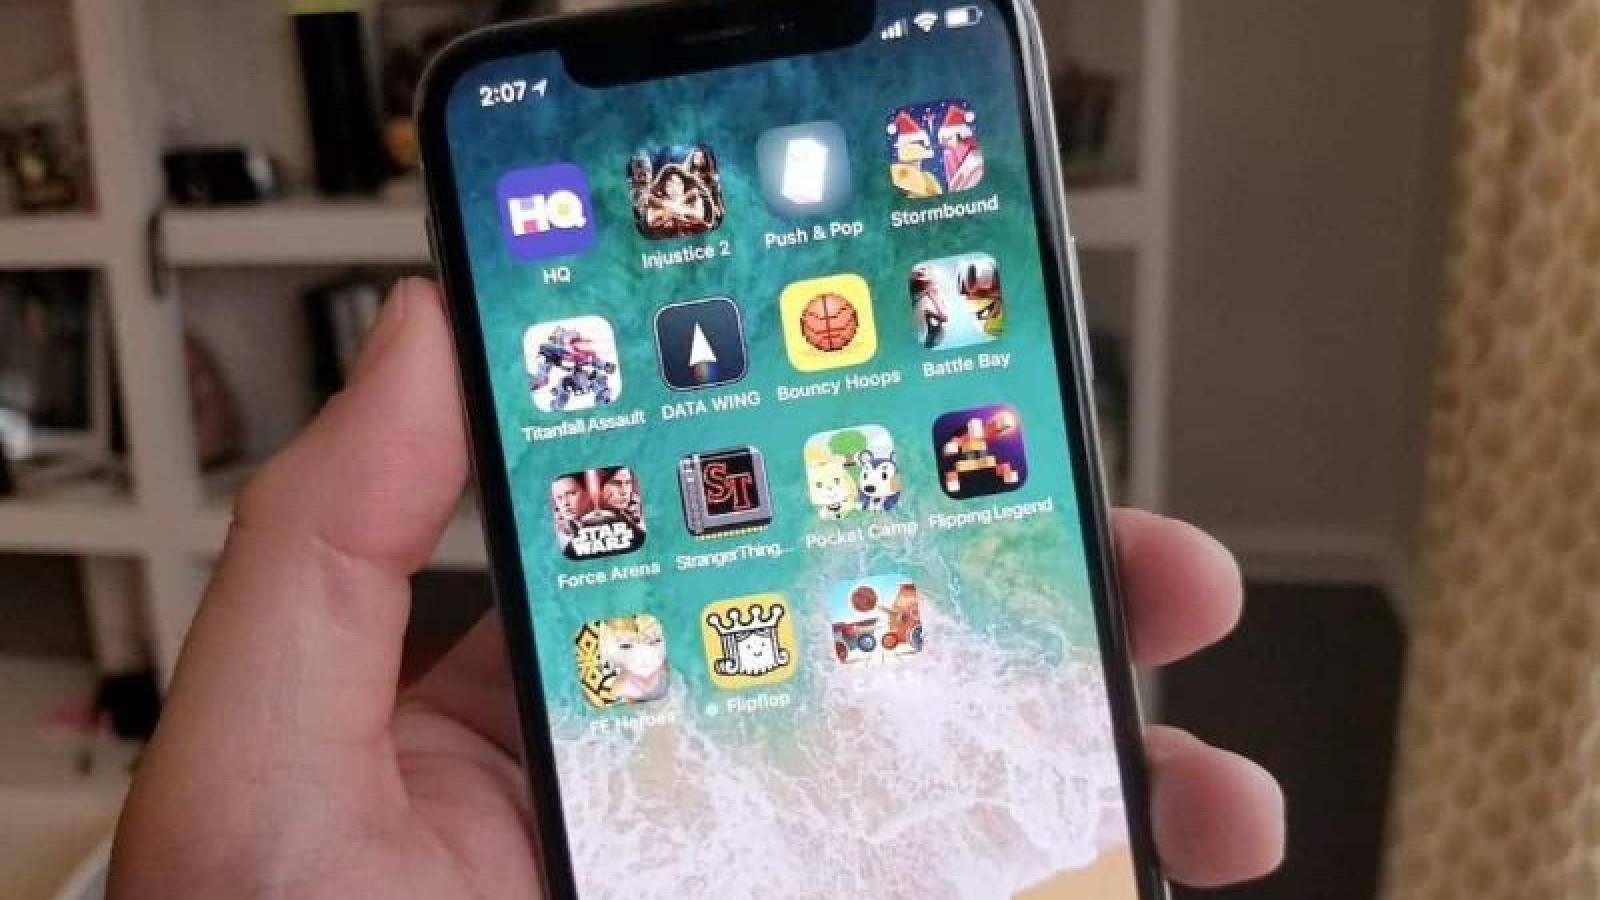 Game hot nhất trên iPhone tại Mỹ kiếm về 3 triệu USD mỗi ngày